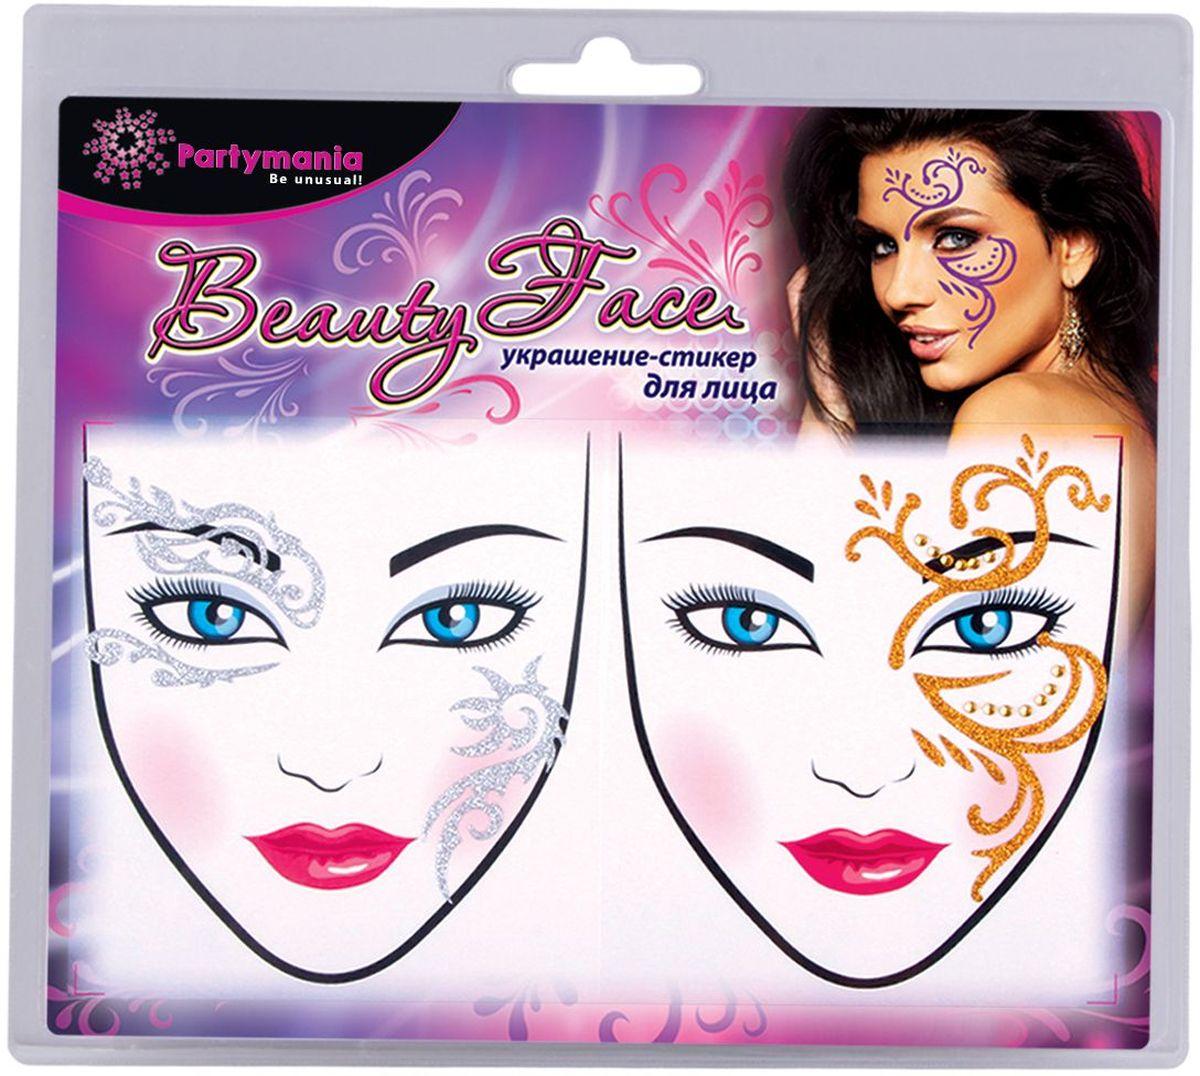 Partymania Украшение-стикер для лица Beauty Face 2 шт цвет серебристый золотистый